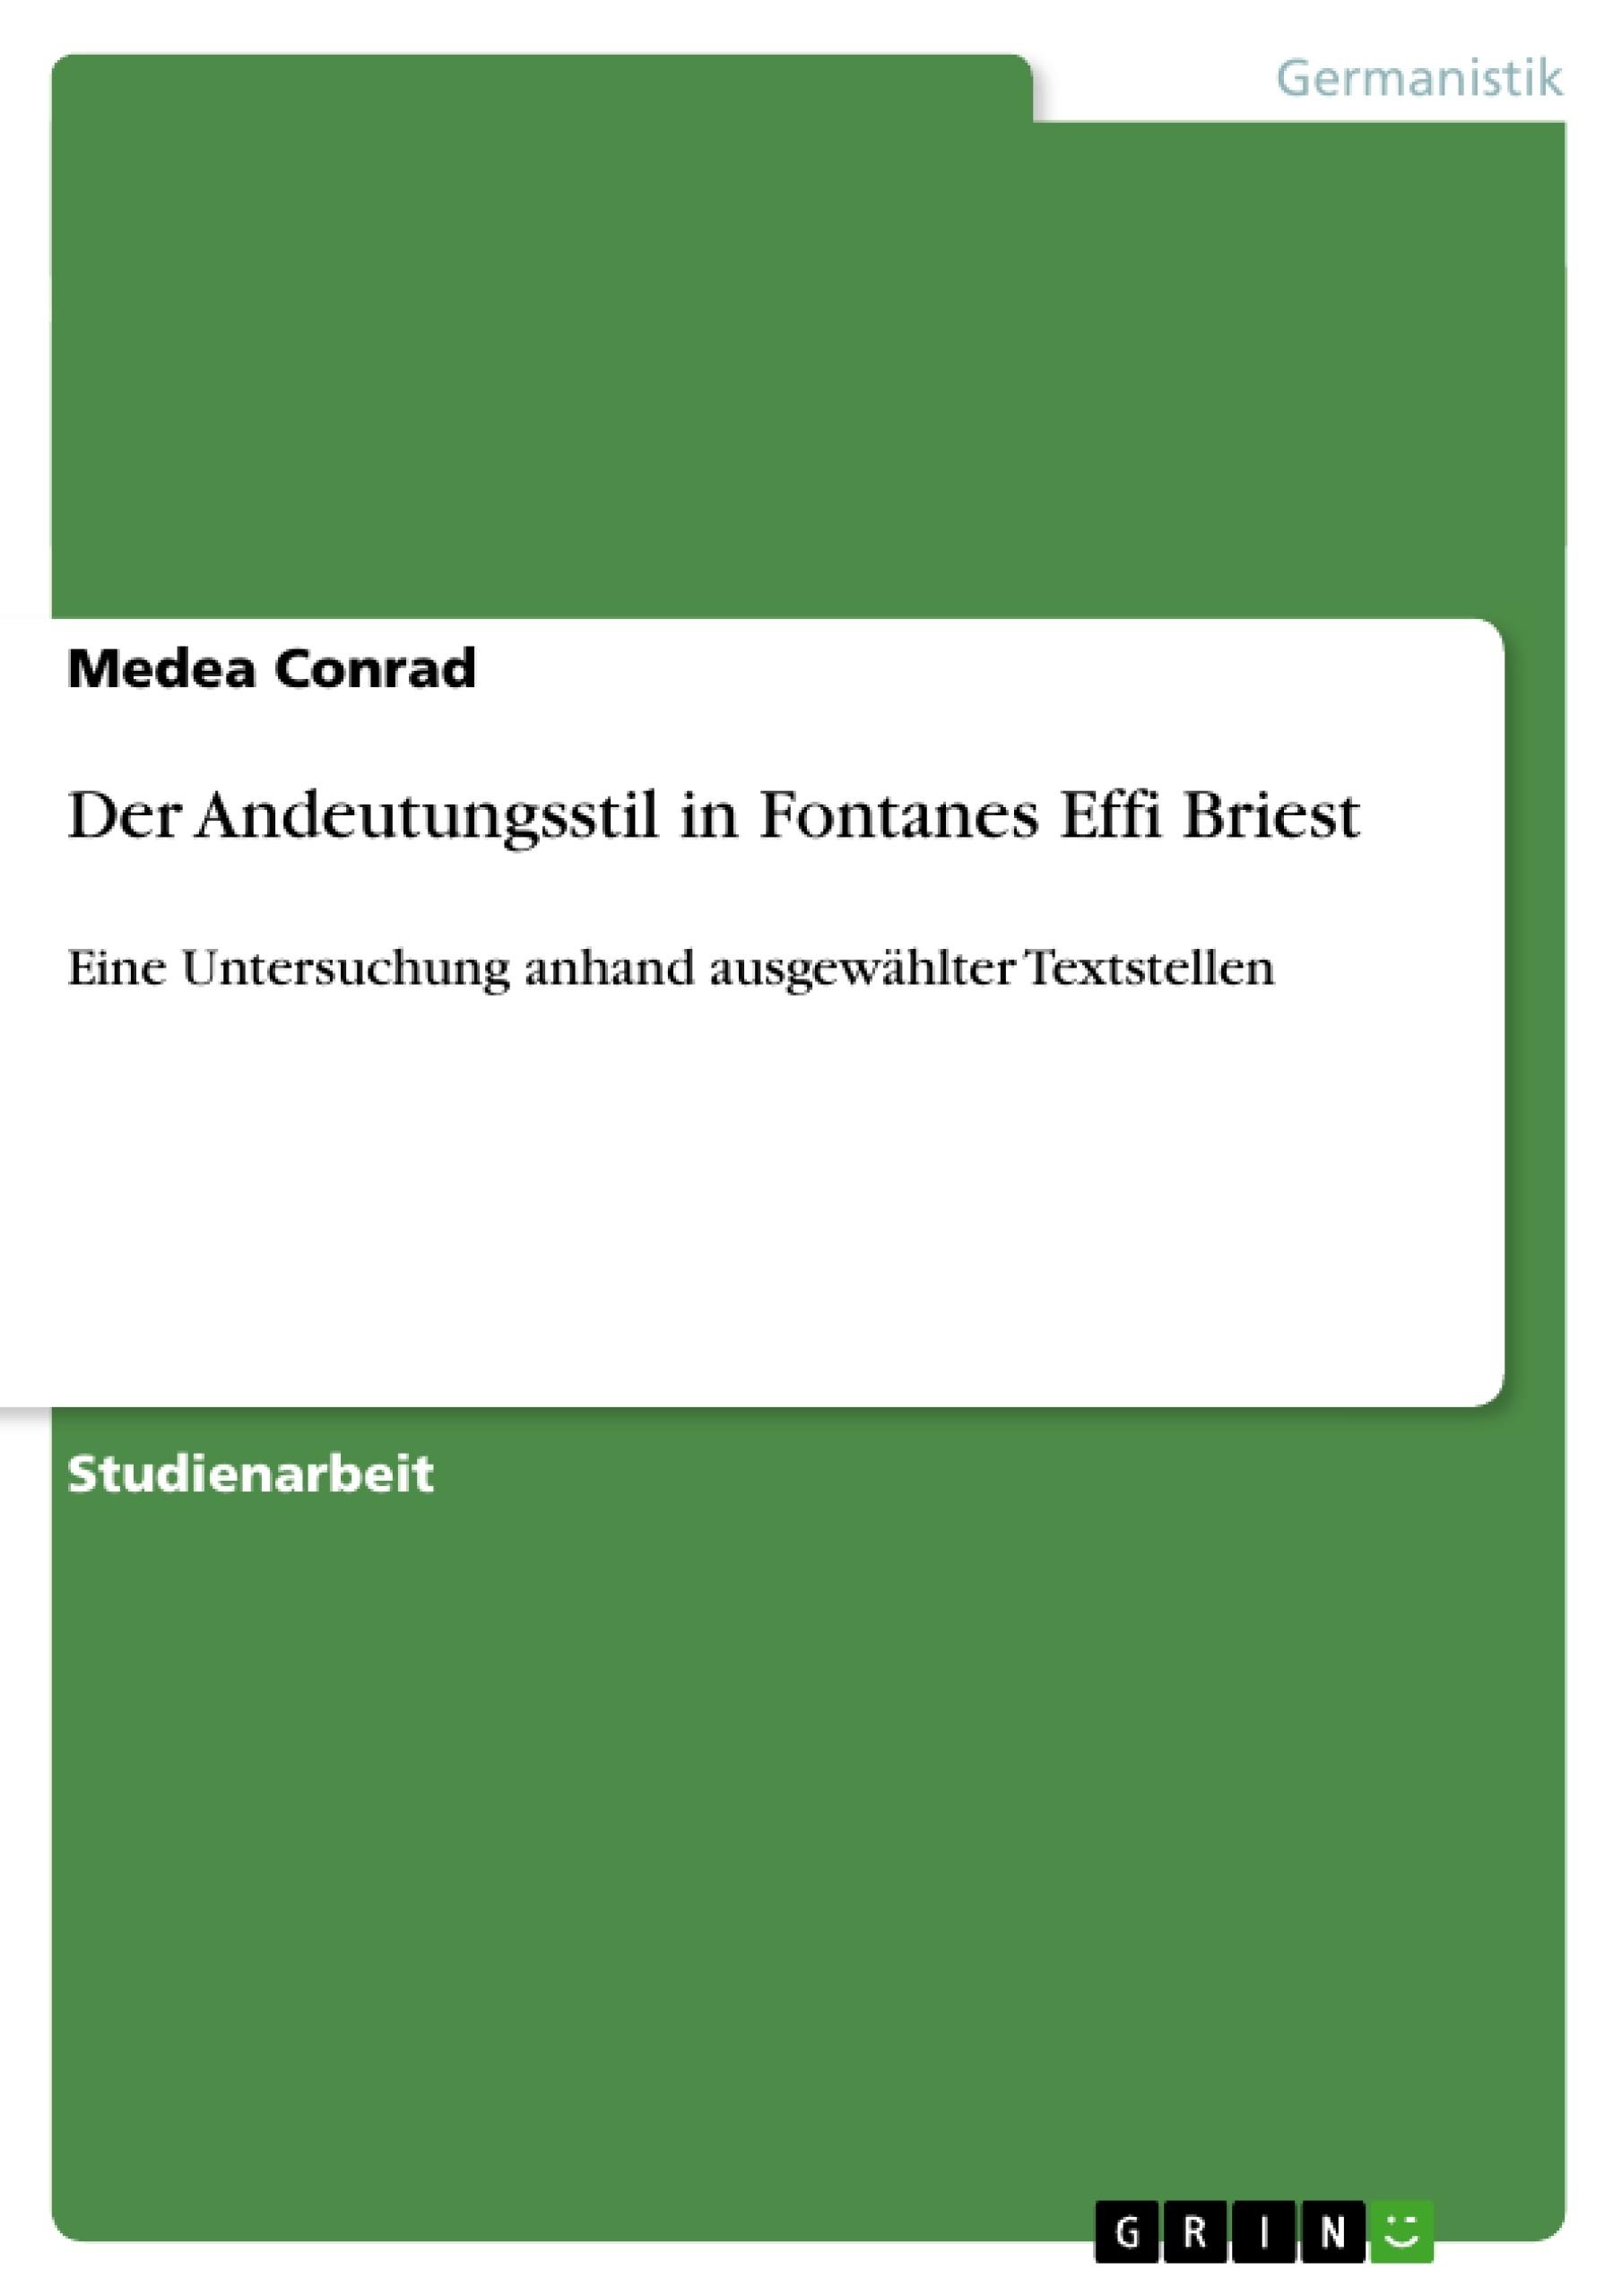 Titel: Der Andeutungsstil in Fontanes Effi Briest